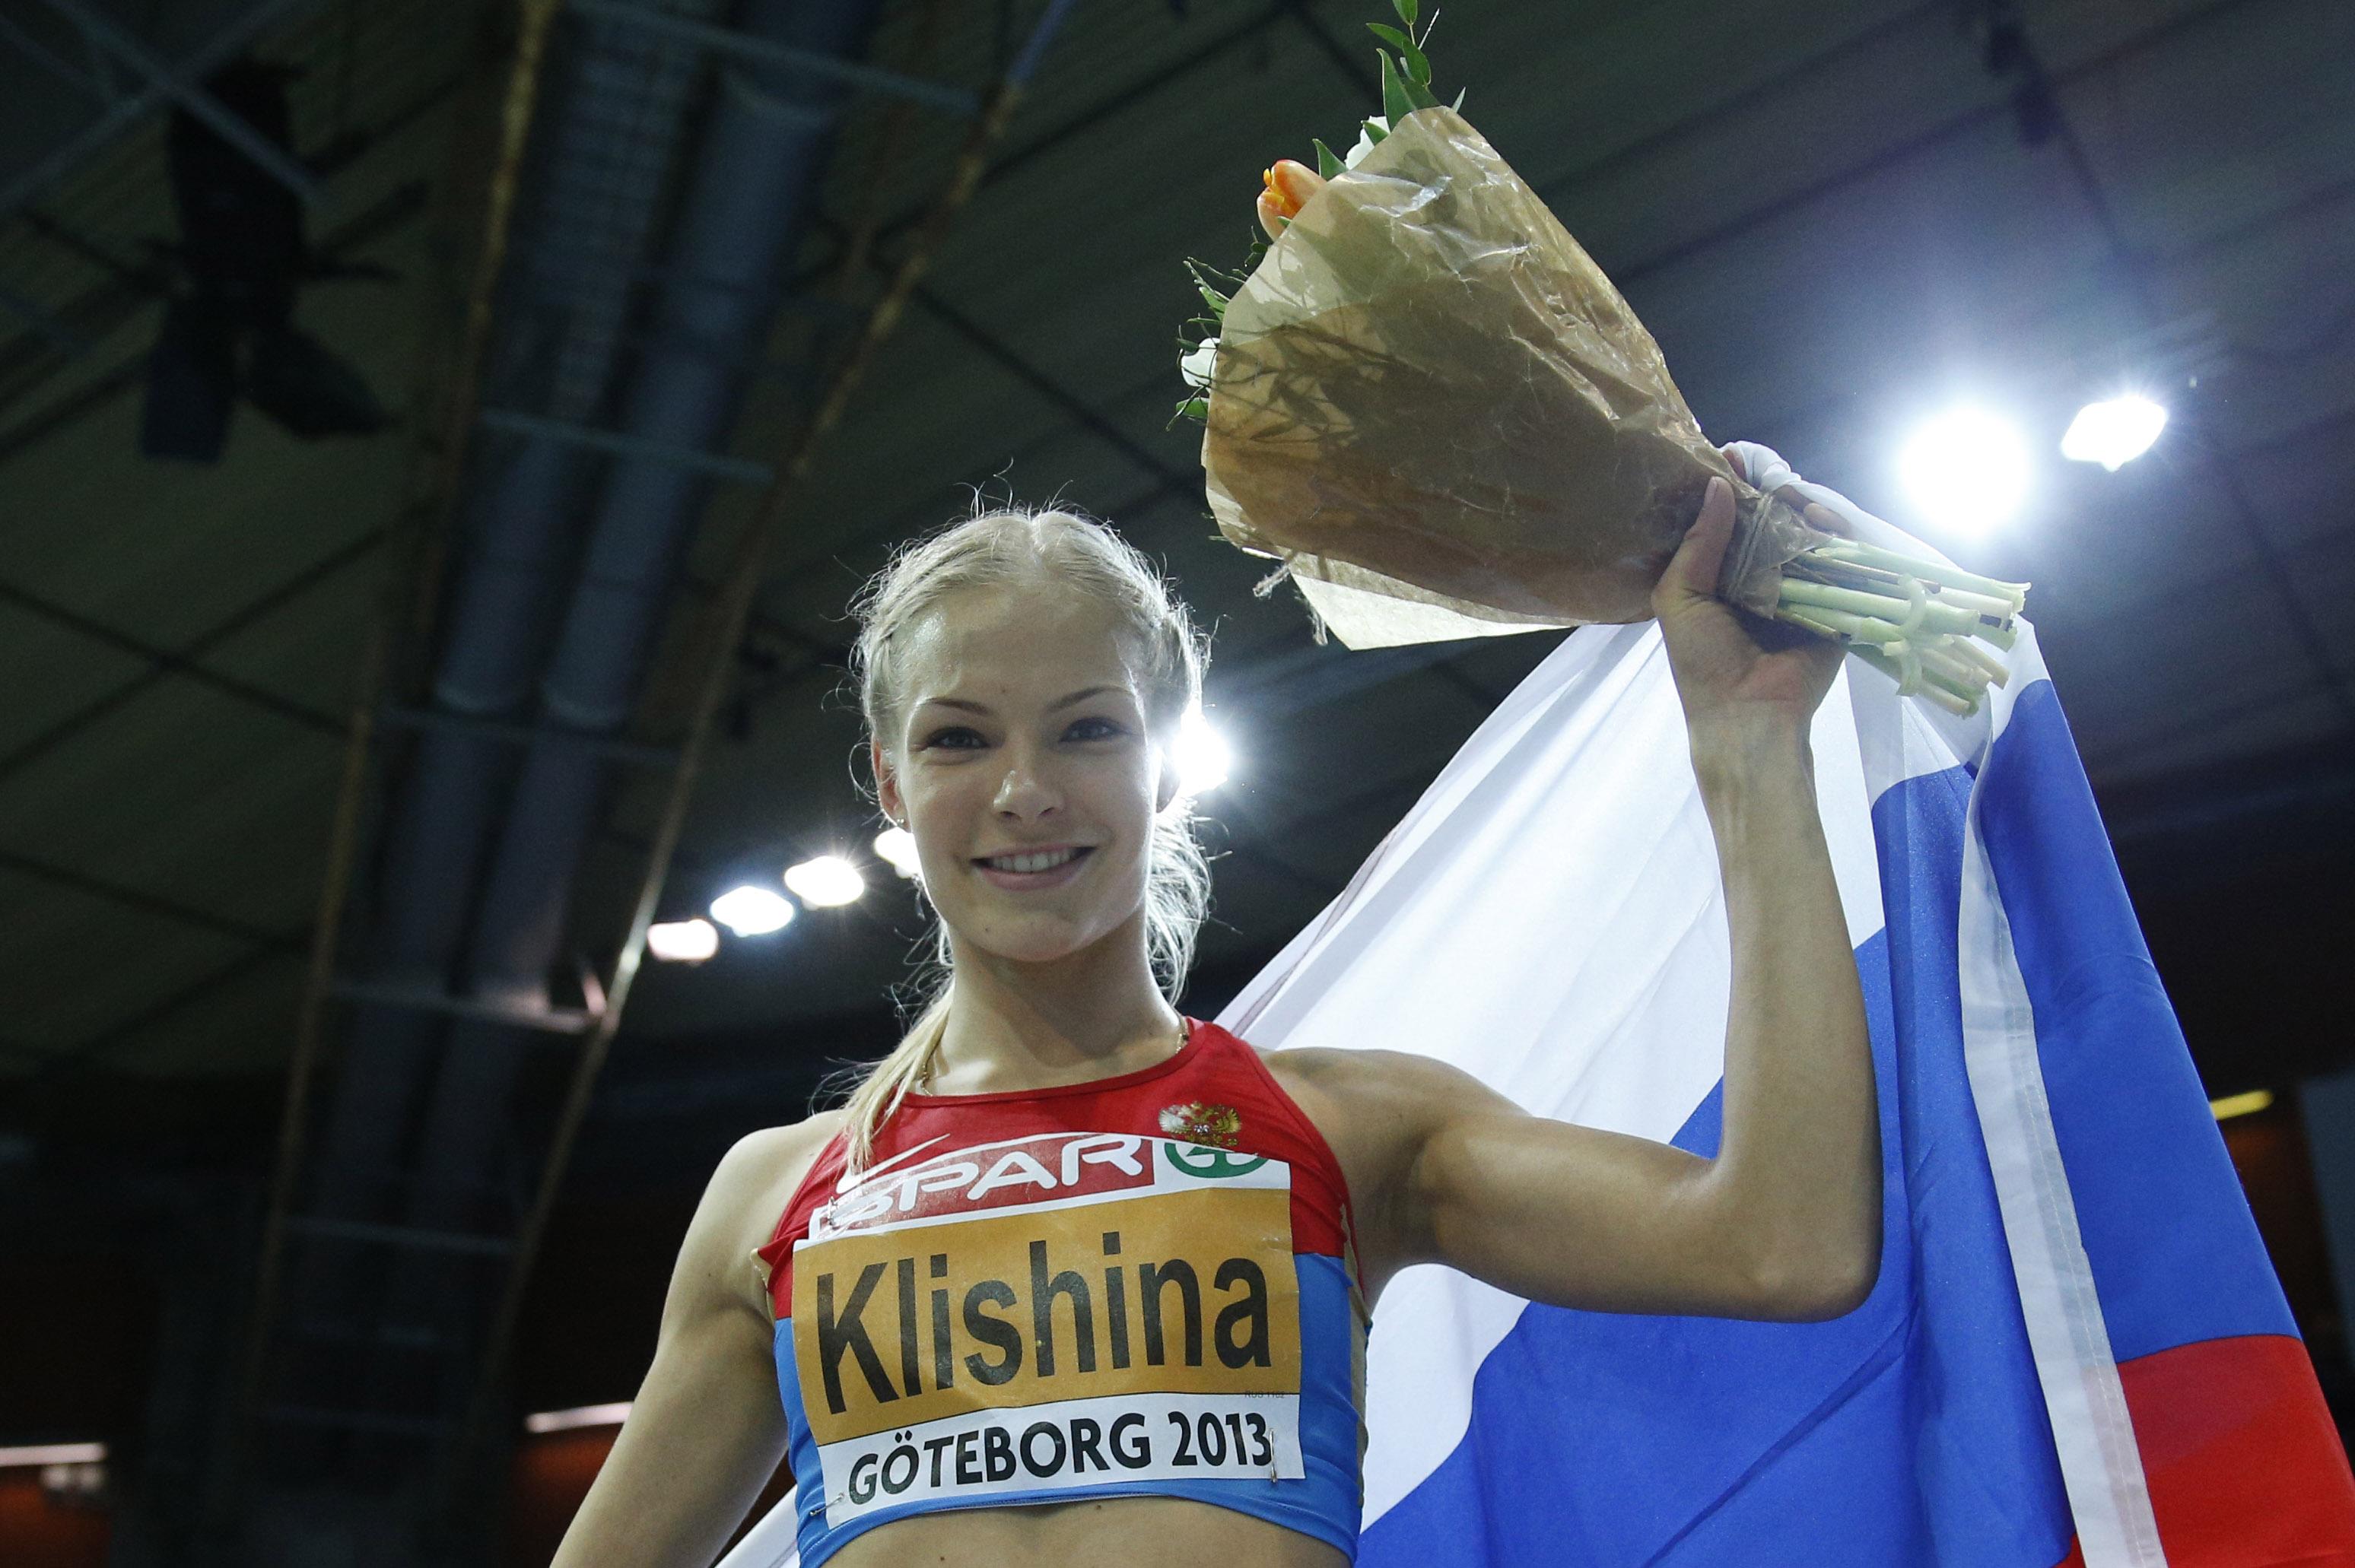 Дарья Клишина выиграла золото чемпионата Европы